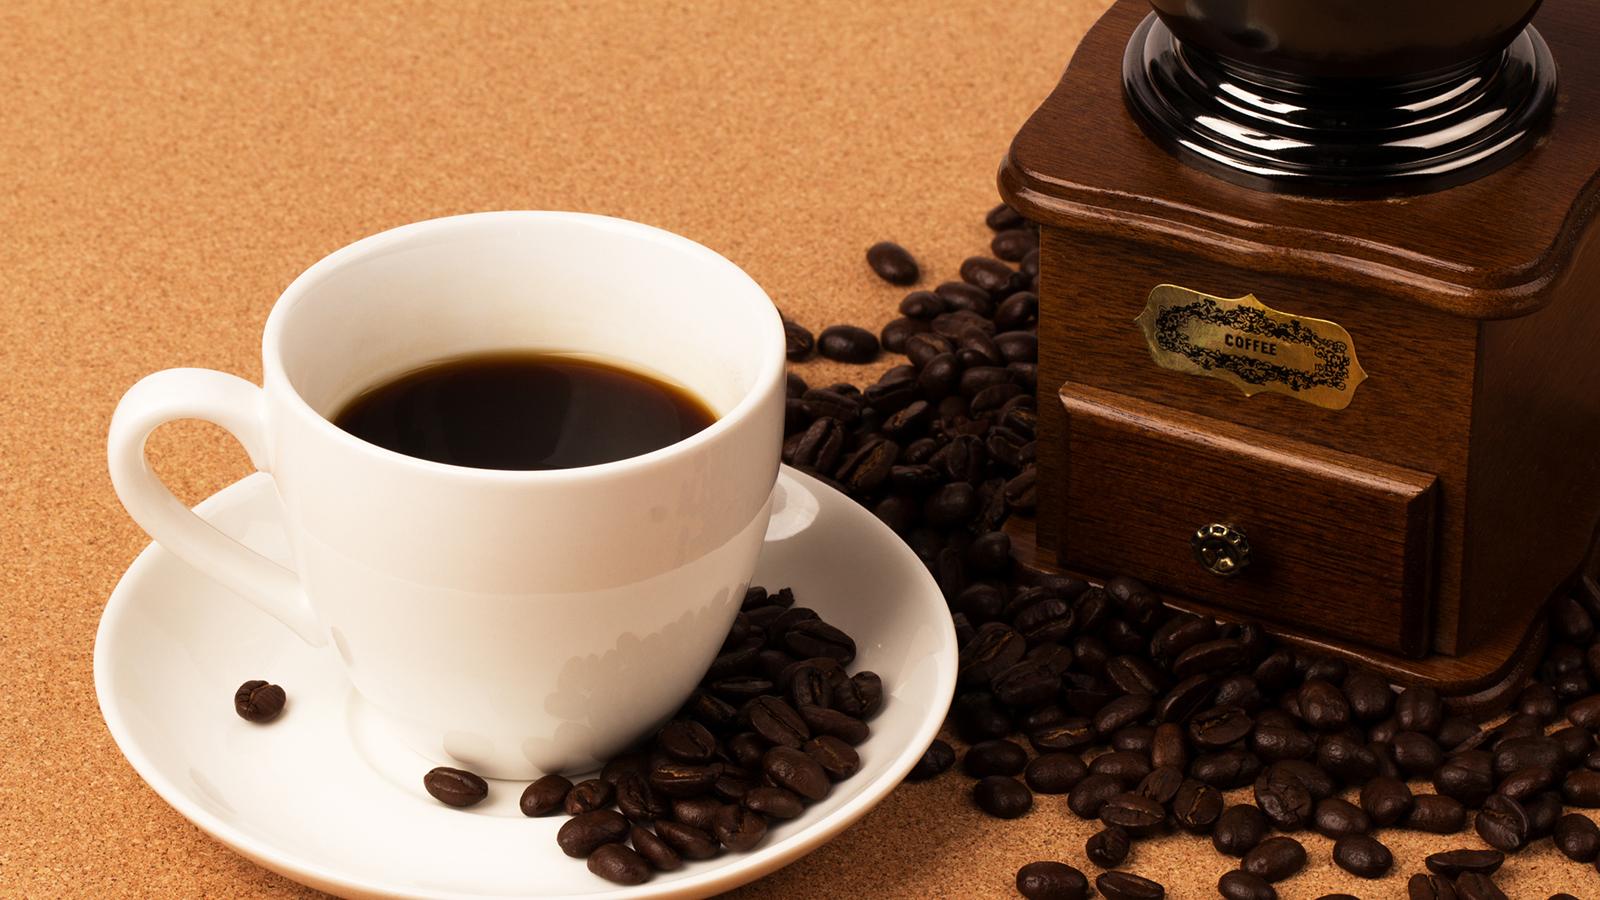 糖質制限にコーヒーはいいの?糖質量データと注意ポイントを徹底解説!